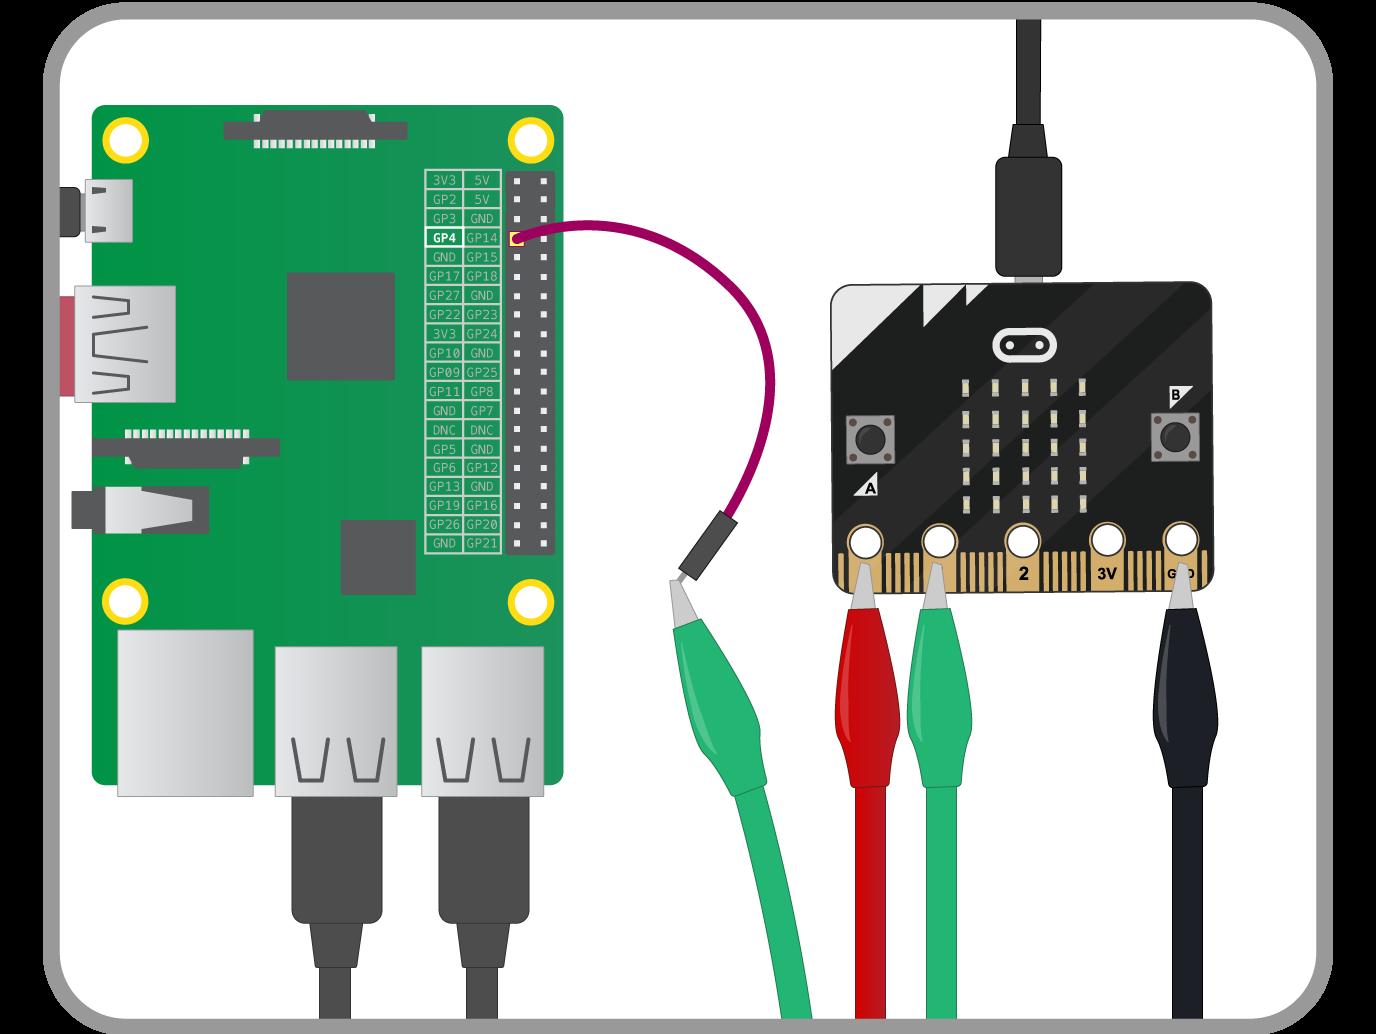 【Raspberry Pi】chibi:bit(micro:bit)をカメラのシャッターにする